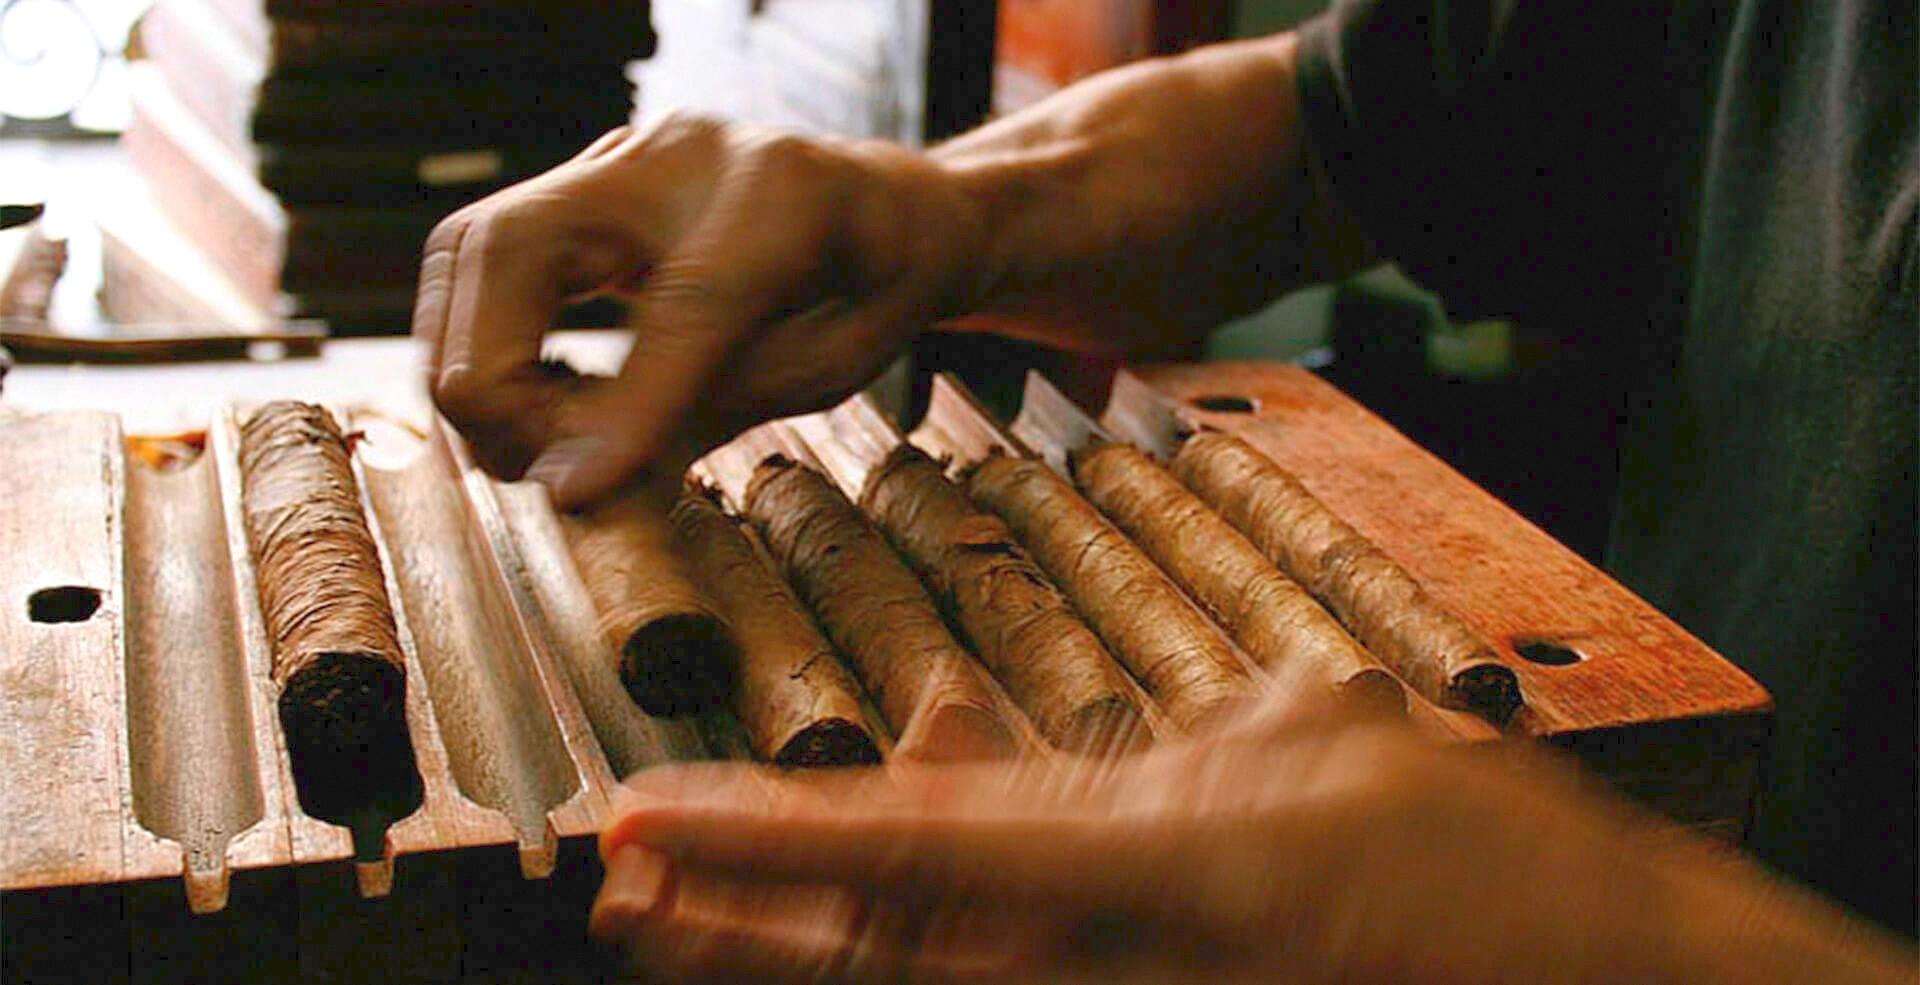 Talleres de elaboración de puros, Coscomatepec de Bravo, Veracruz